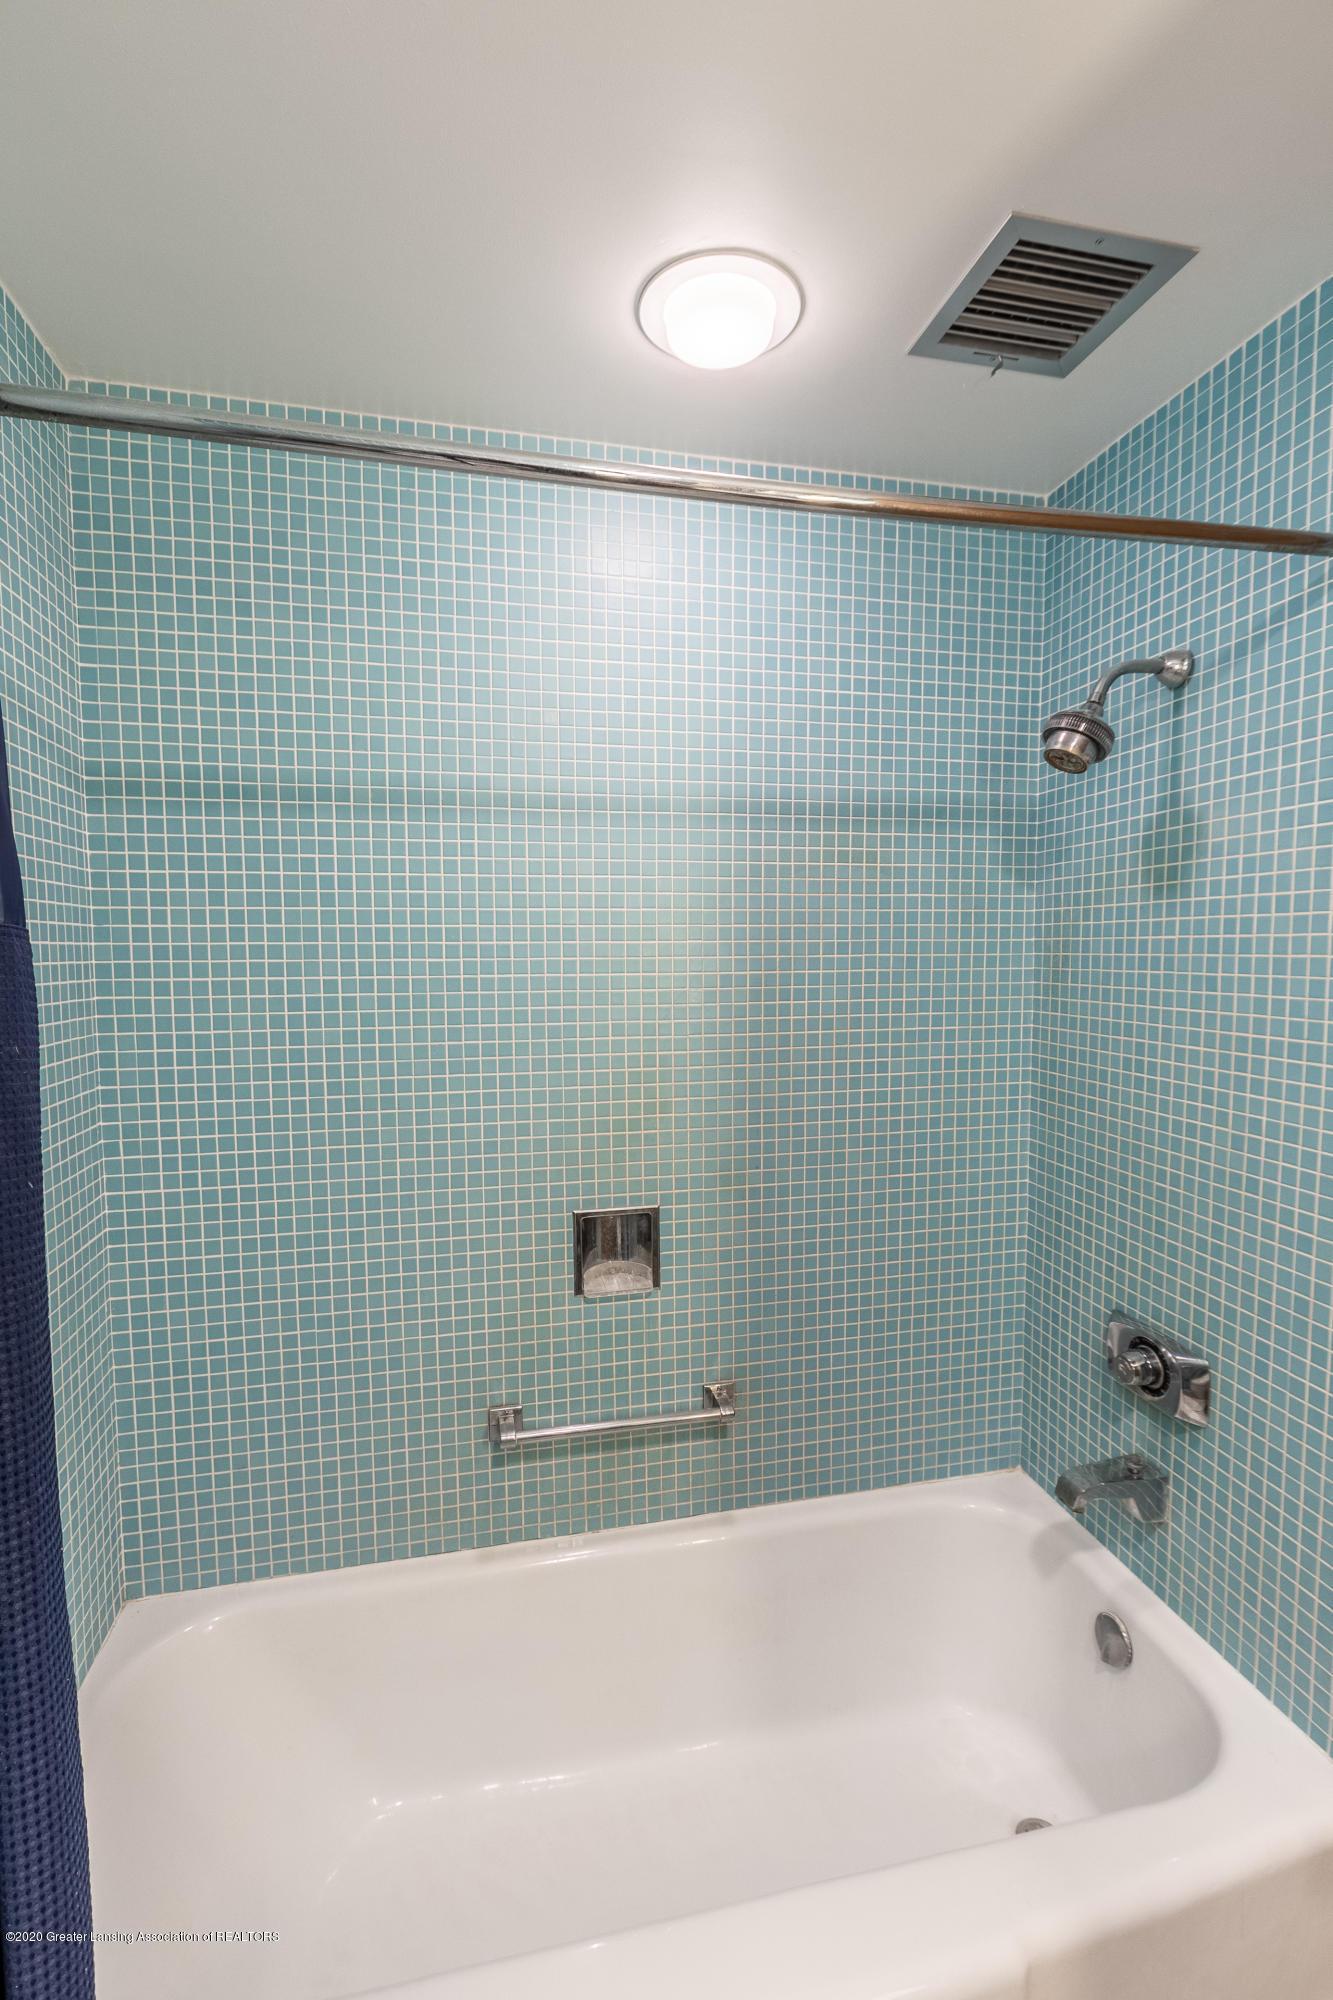 1172 Wrightwind Dr - Full Bathroom - 51